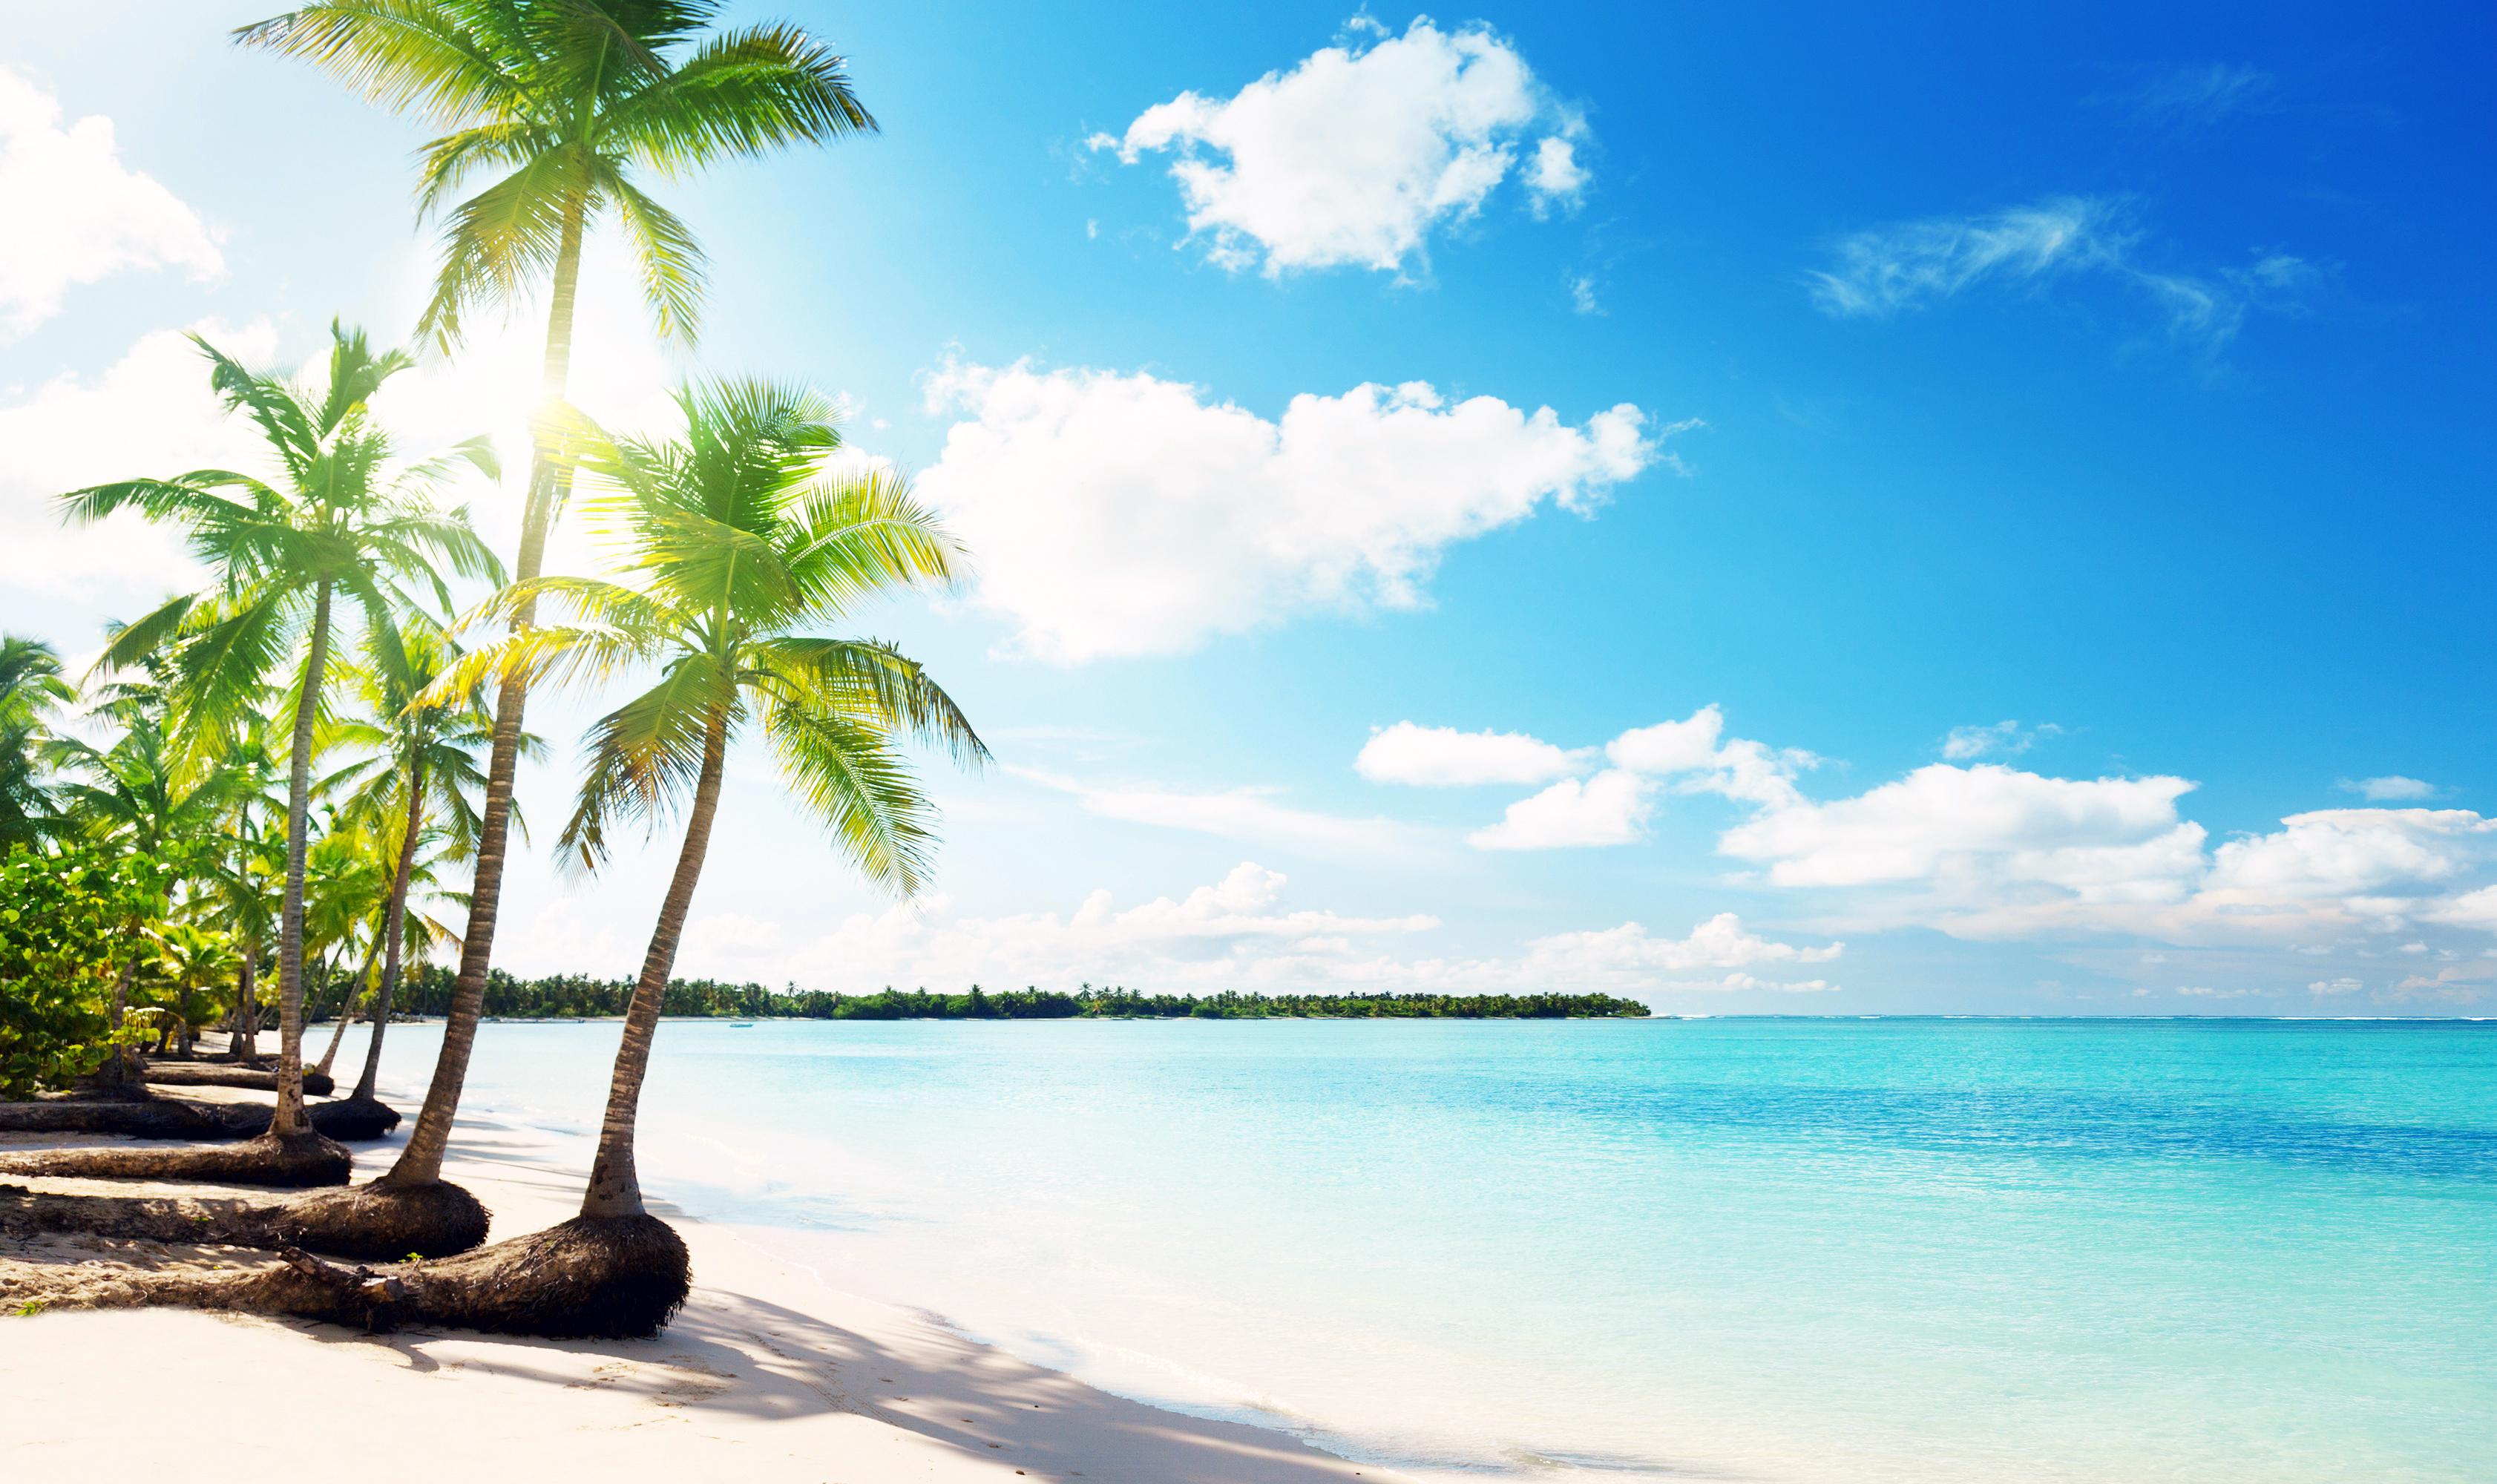 берег пальма море солнце пляж  № 3779862 бесплатно